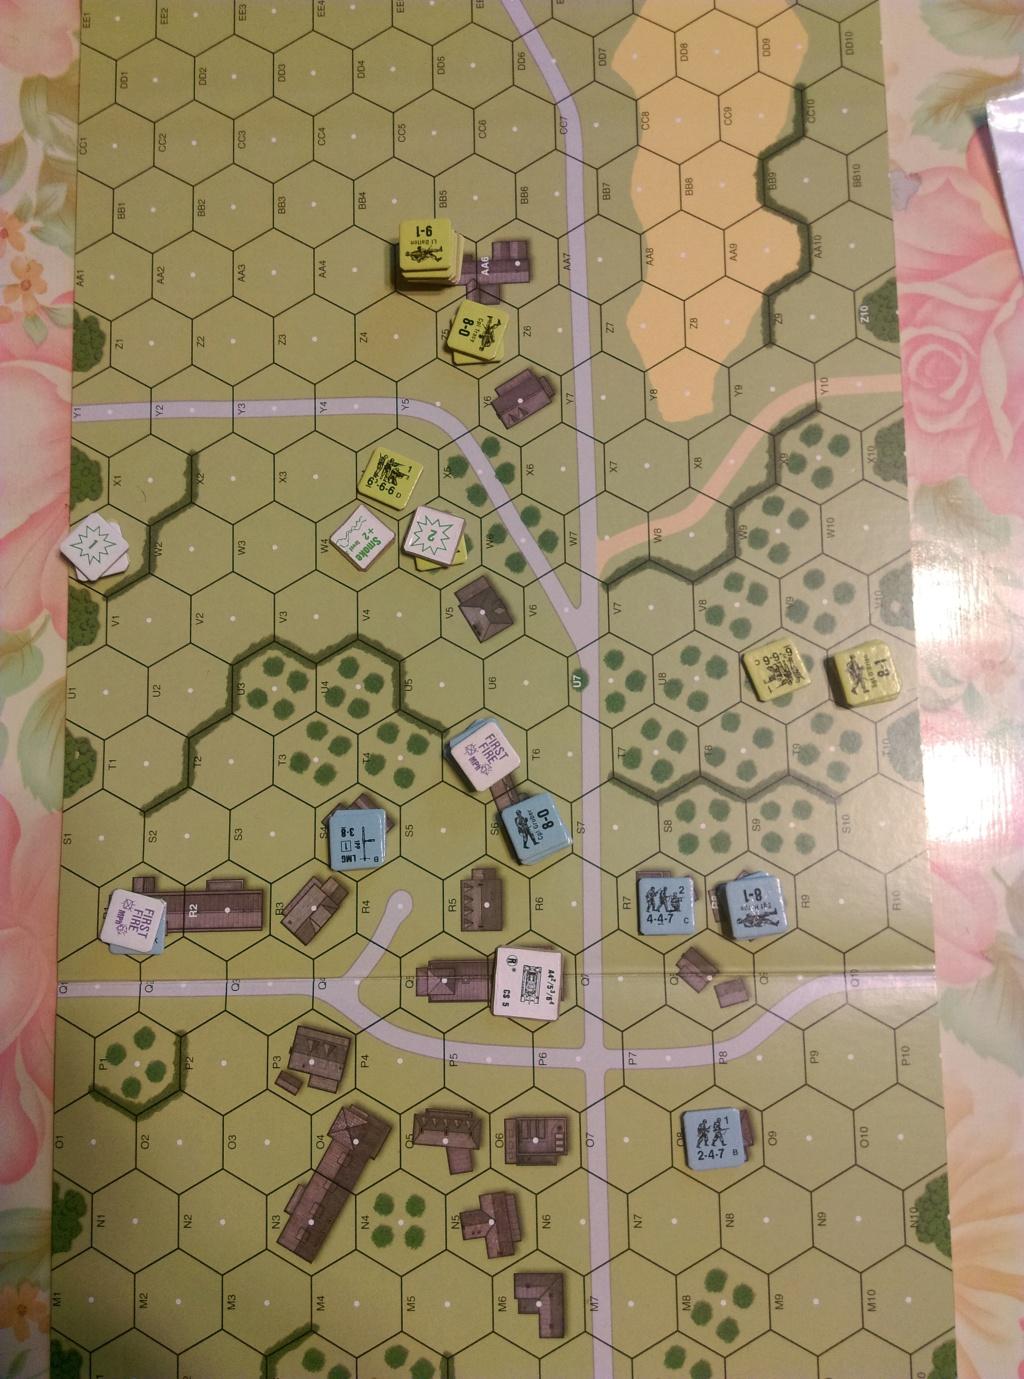 S-059 ASLSK game in Wugu (John vs David) S-059-11